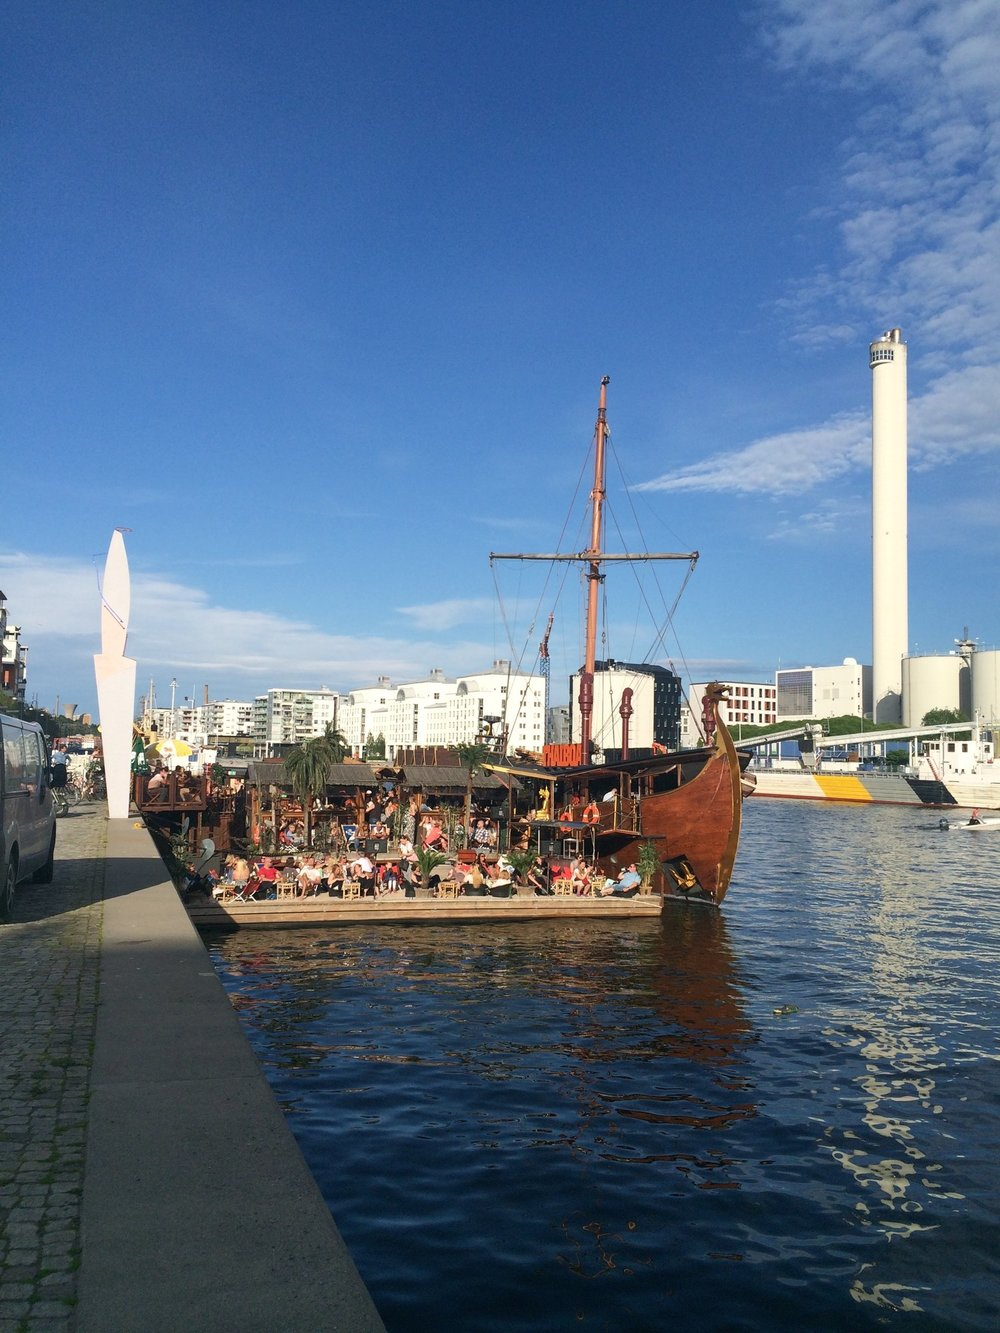 Thaibåten on a summer day.